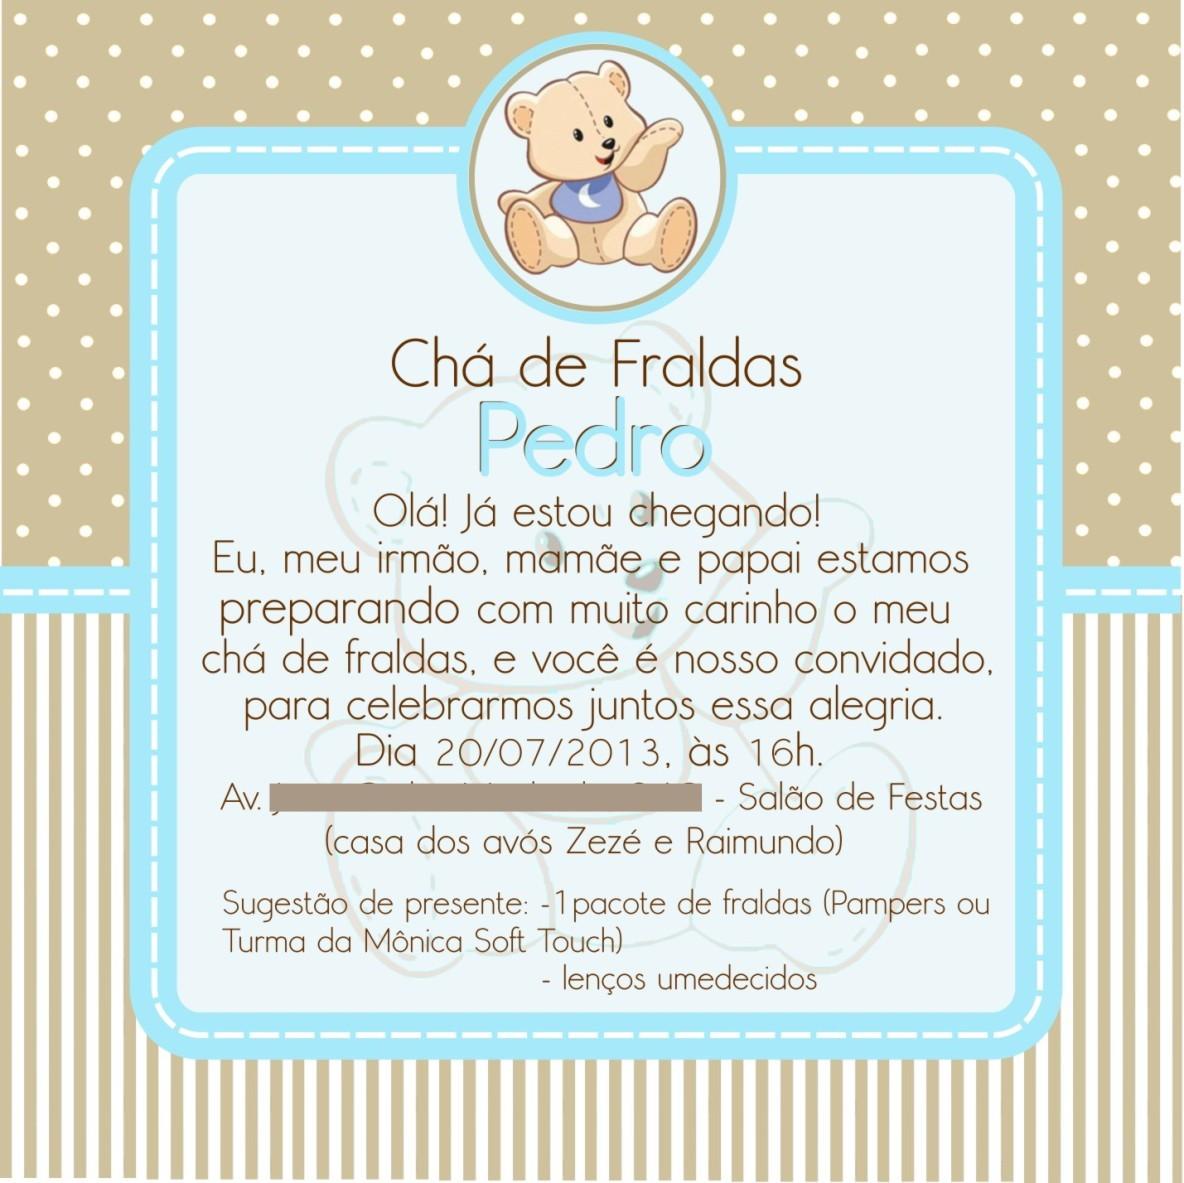 Convite Chá De Fralda No Elo7 Luciartselo7combr 459180